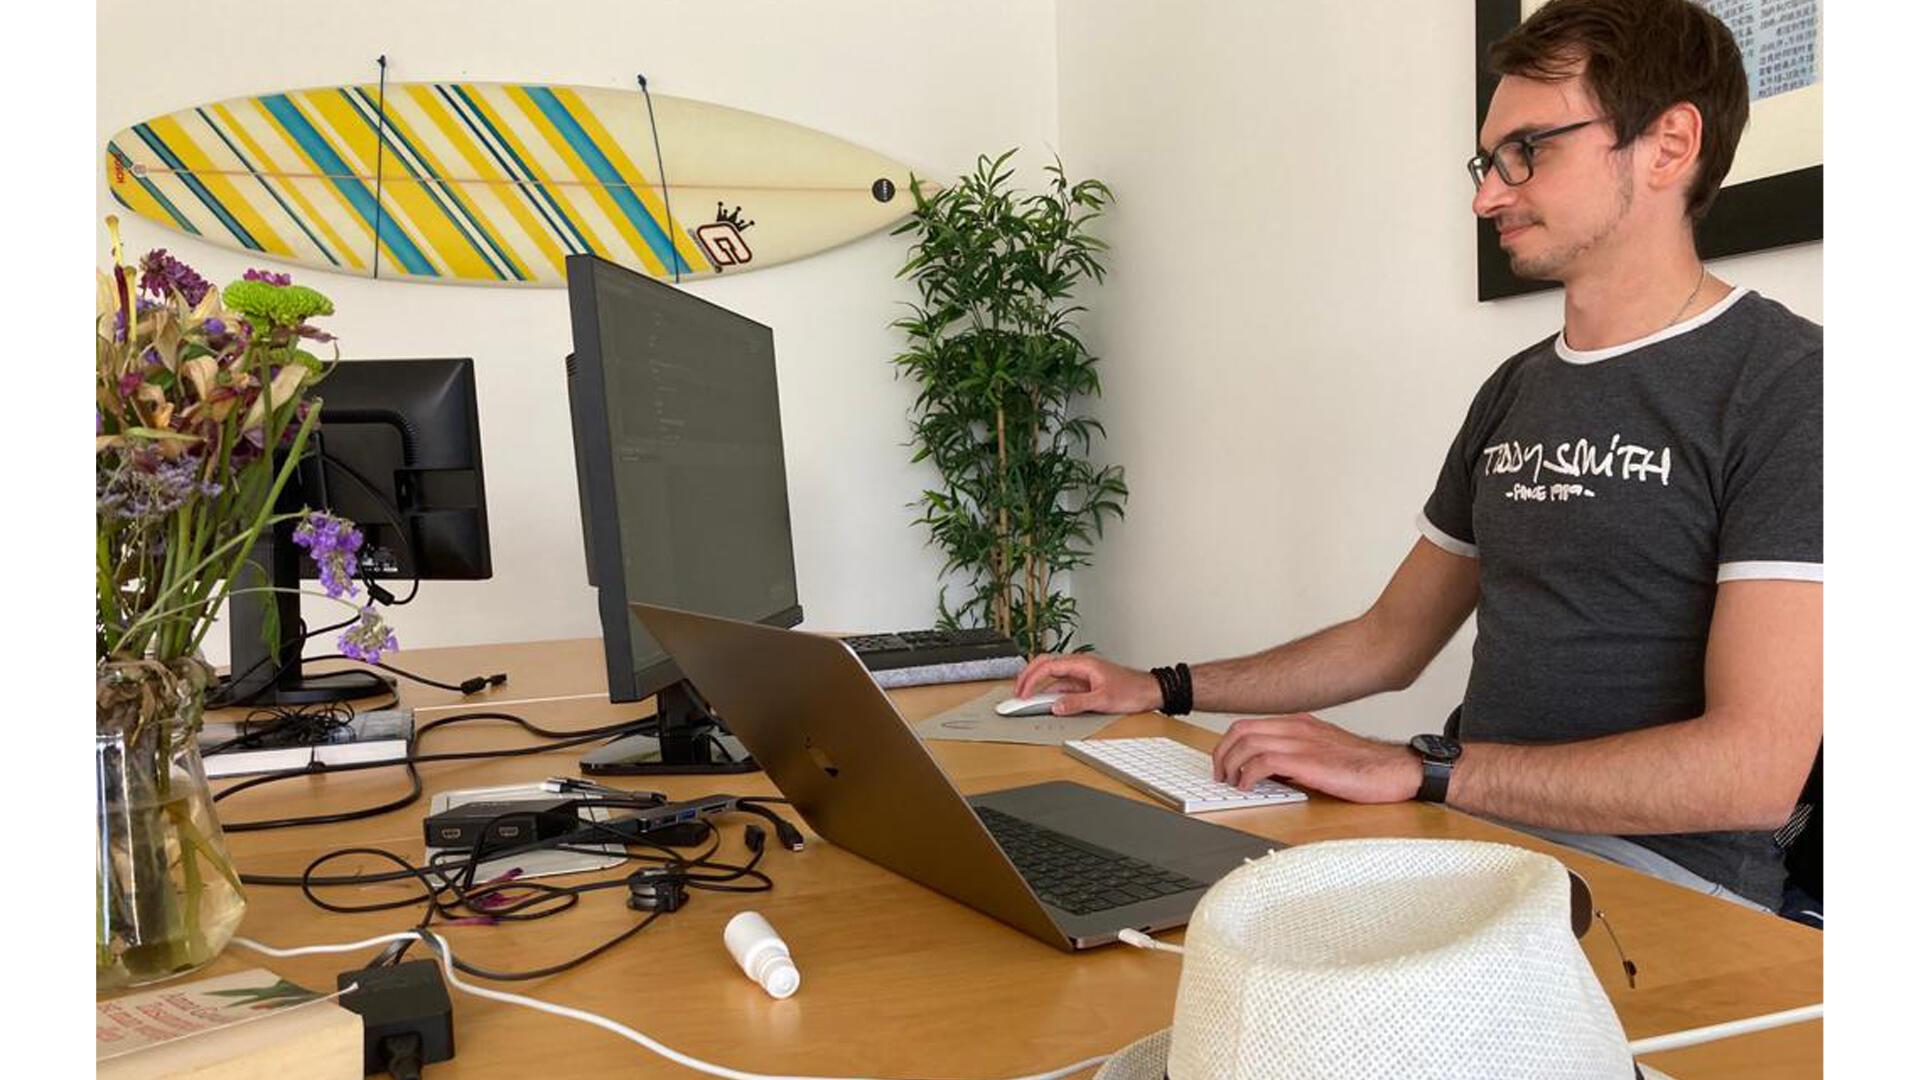 Canaries - Donovan préfère travailler dans le salon du Roof, un hébergement partagé dédié aux nomades digitaux